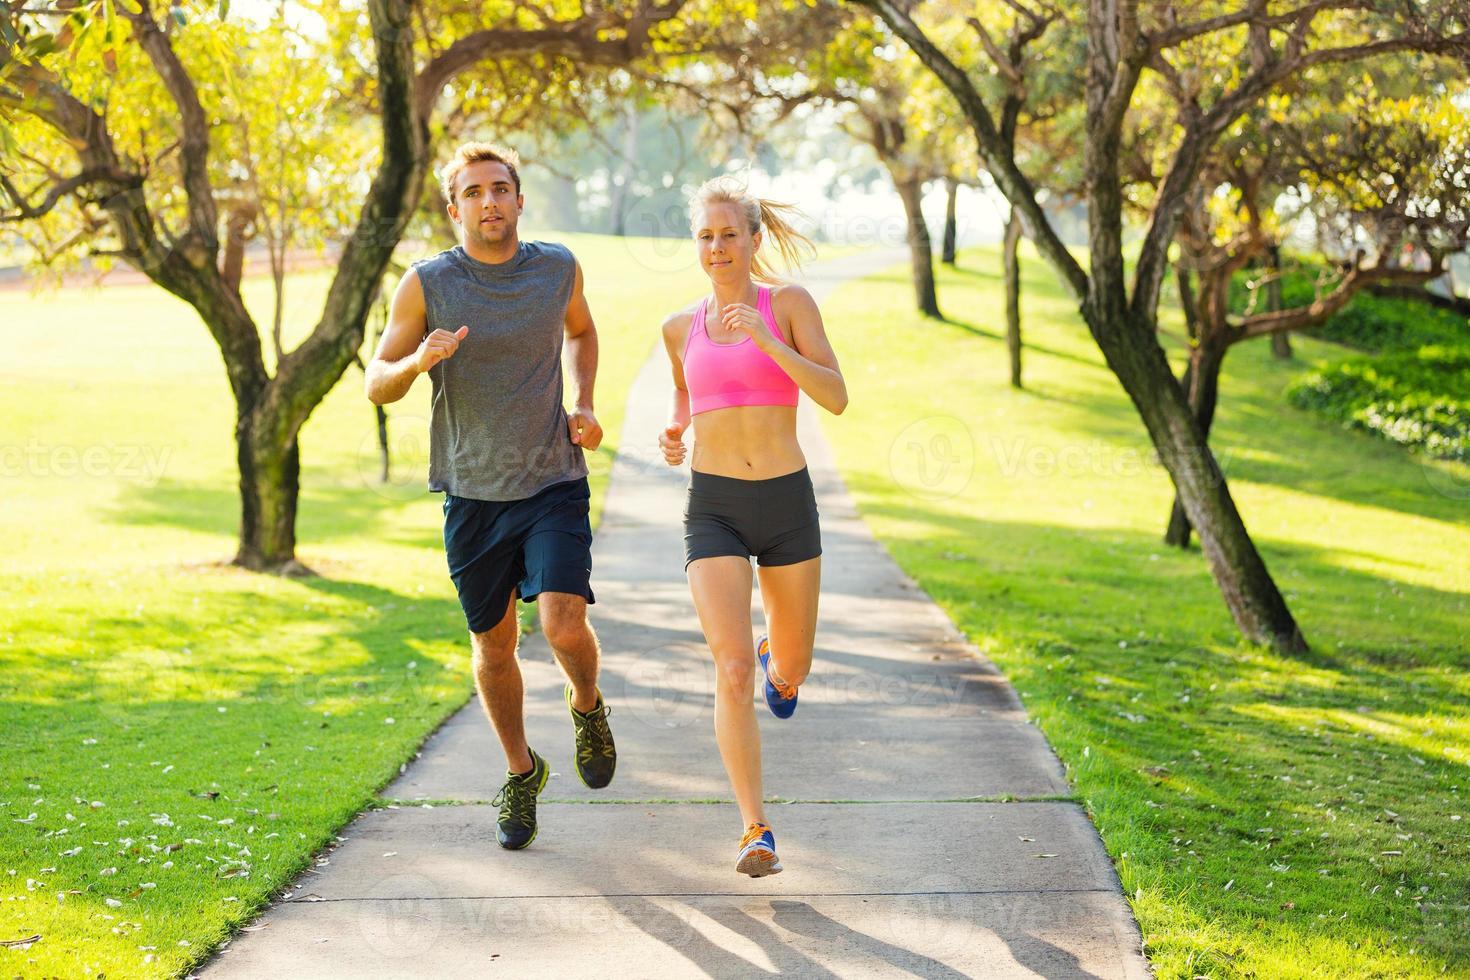 coppia che corre insieme nel parco foto